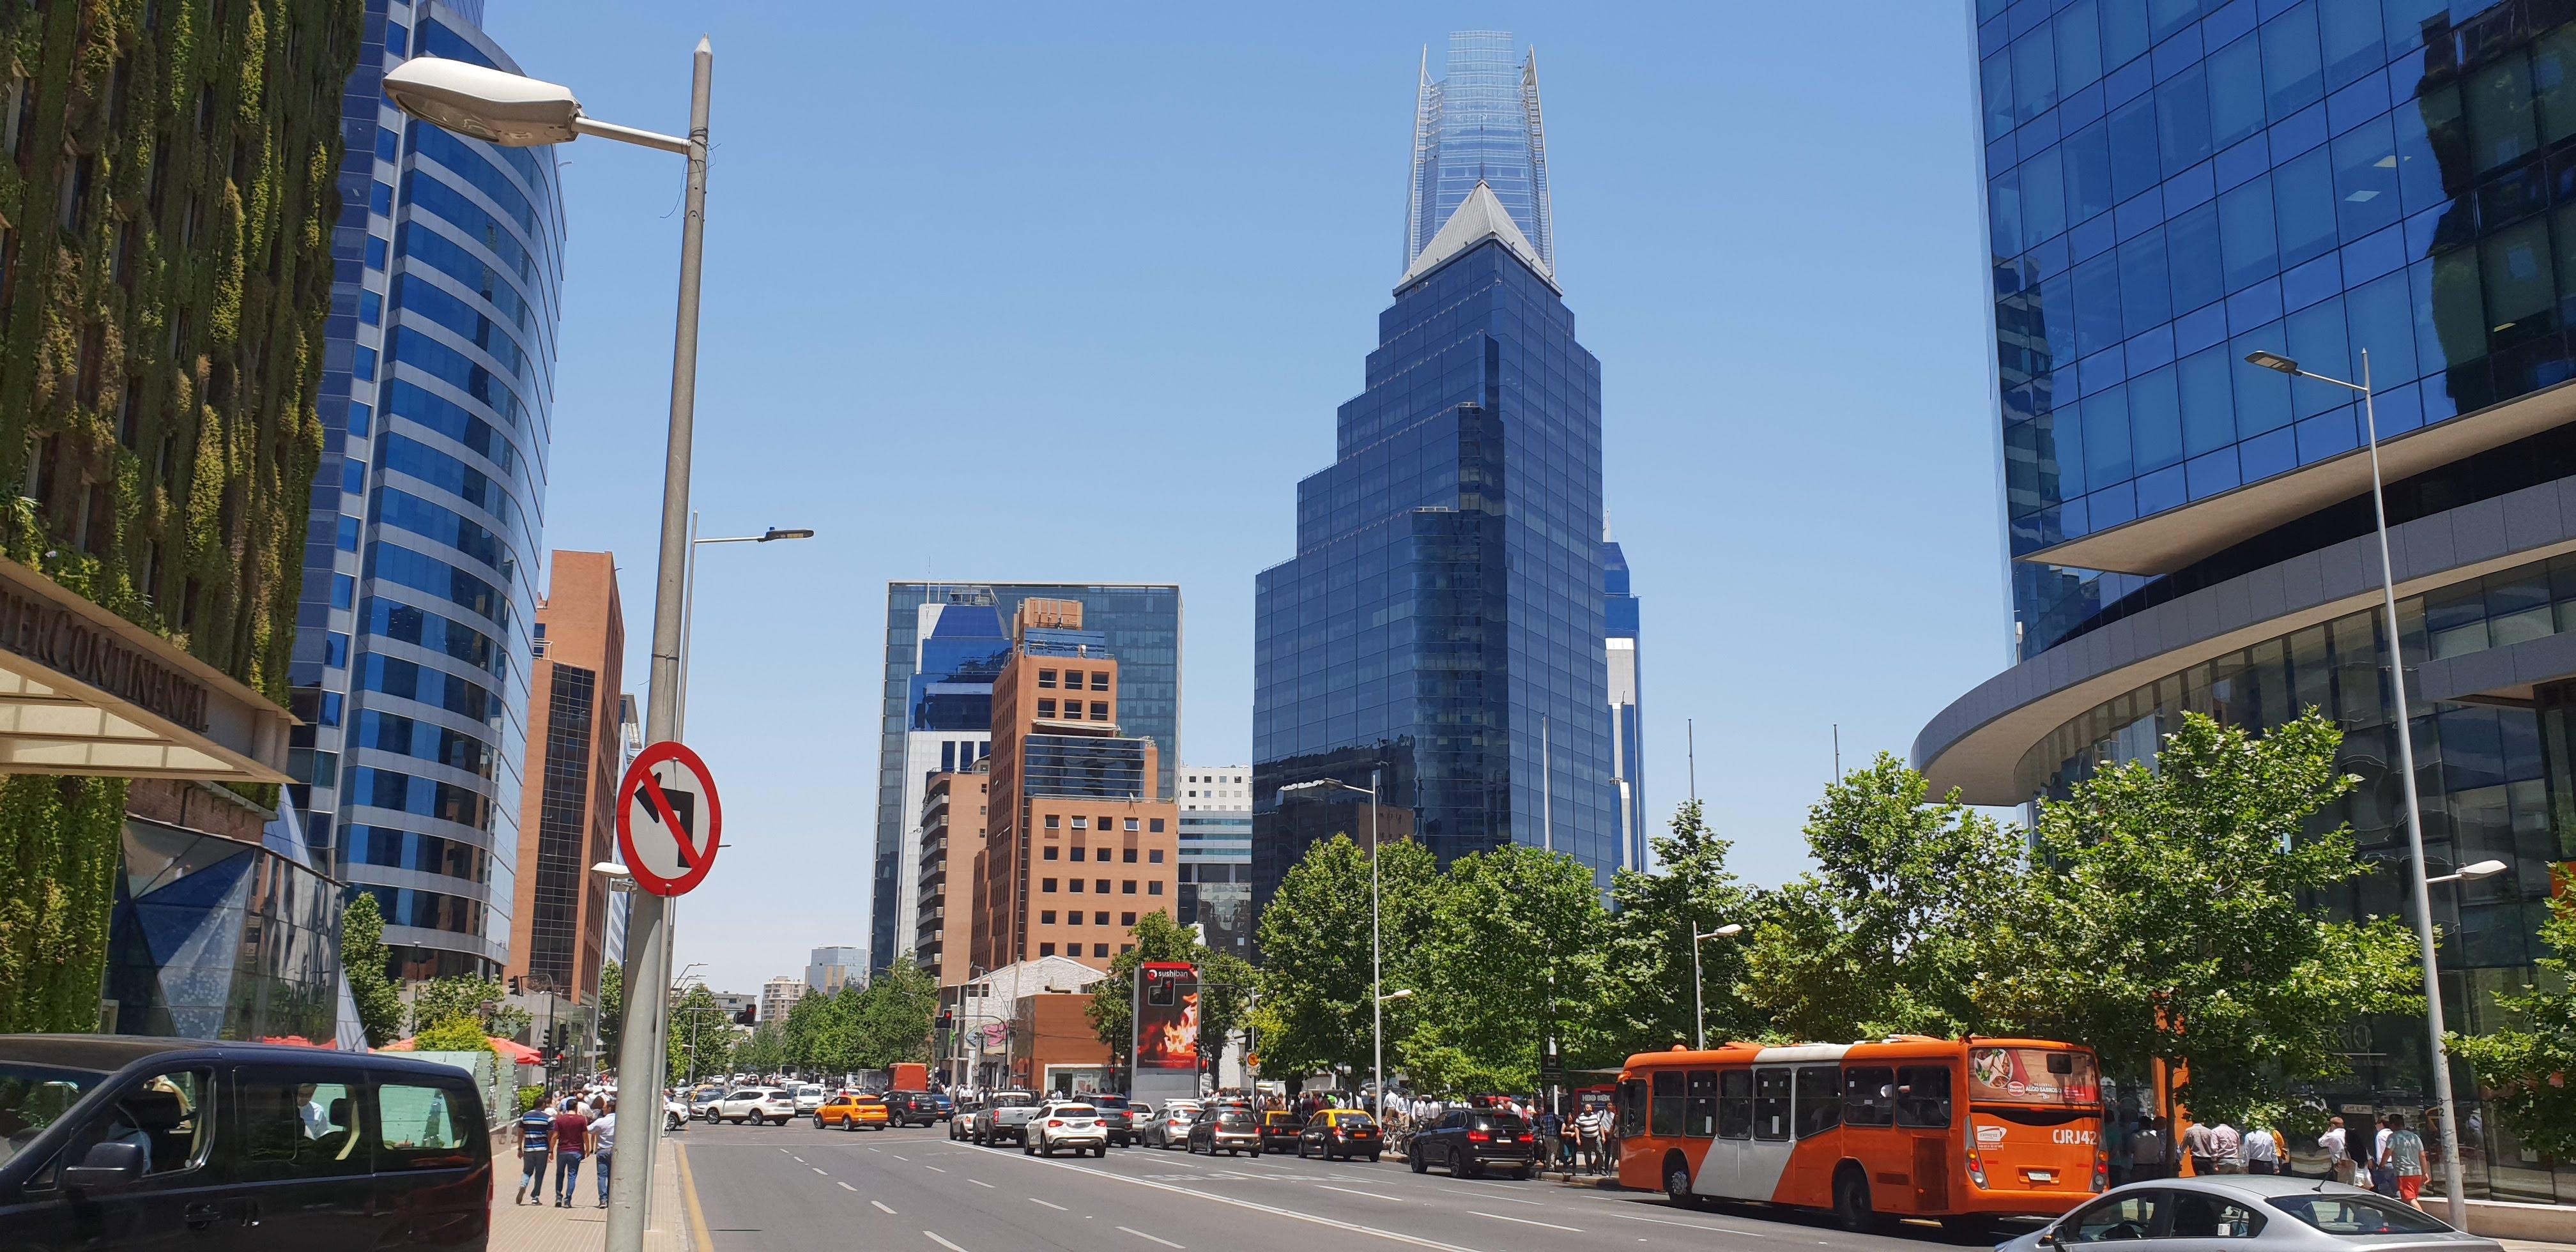 Hotel Intercontinental im Banken Viertel von Santiago de Chile